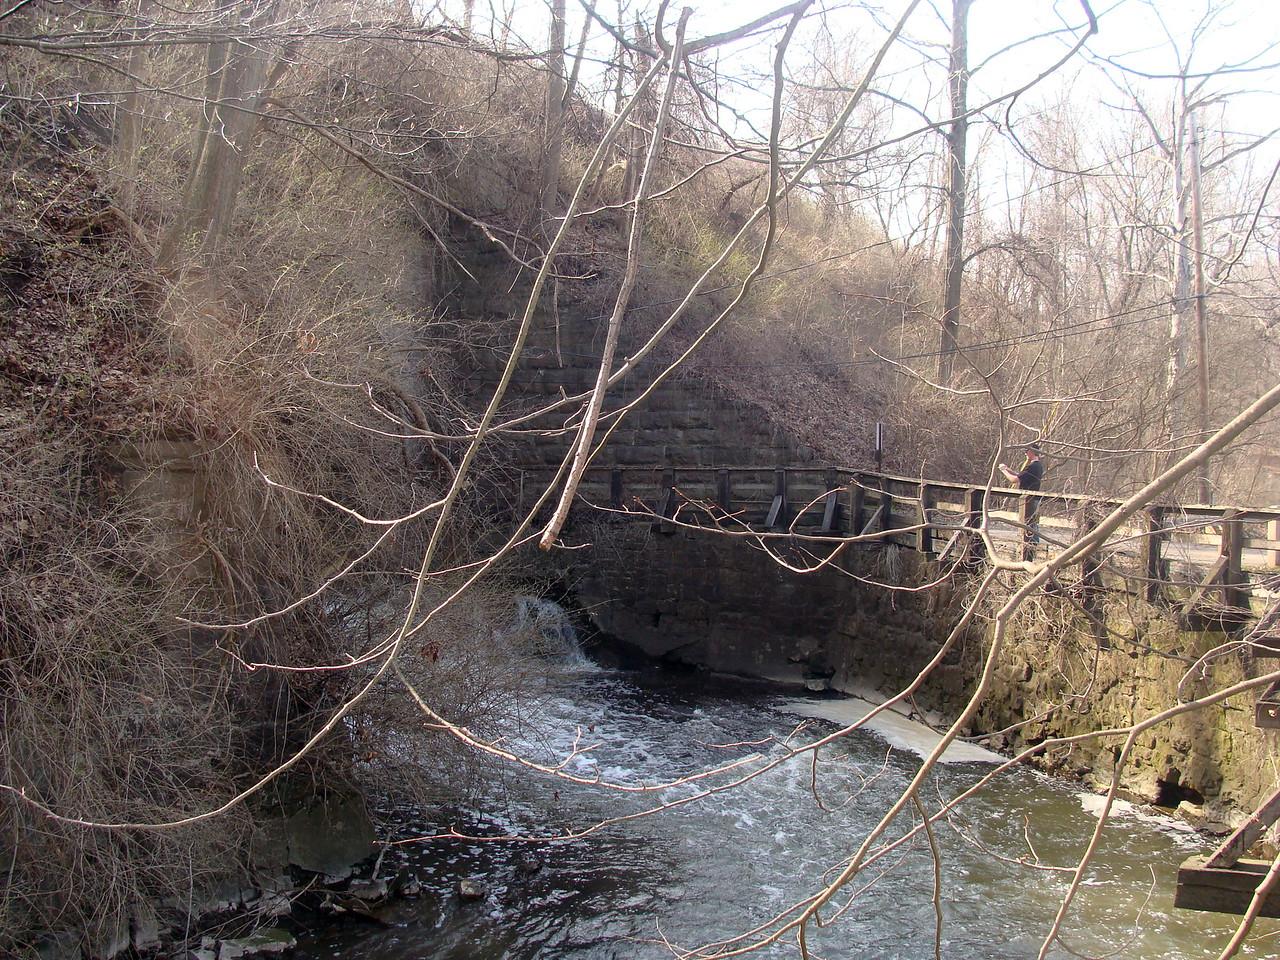 Allyns Creek near the Bridge